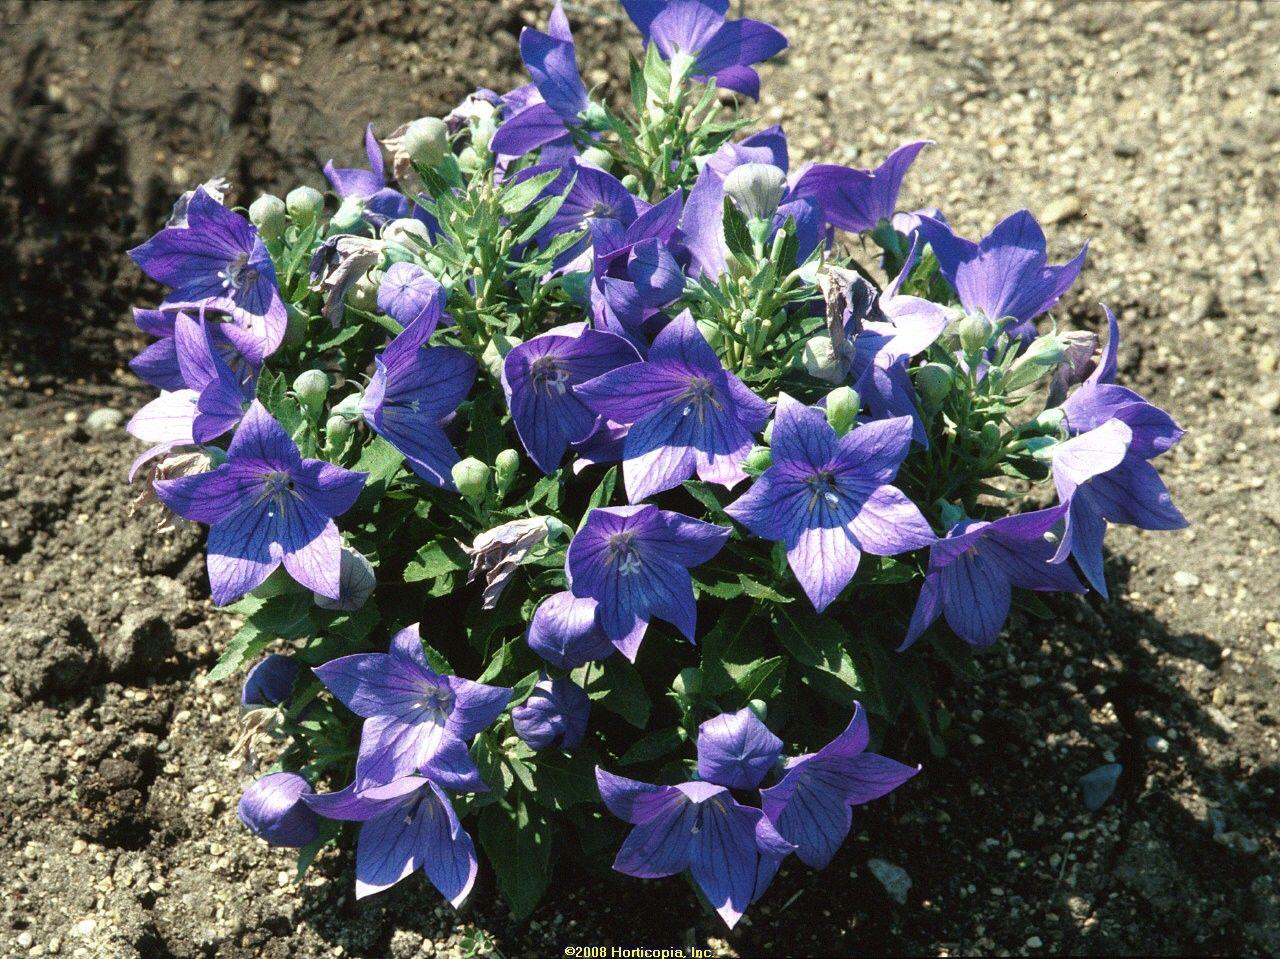 Balloon flower sentimental blue perennial sun 6 8 tall 18 wide balloon flower sentimental blue perennial sun 6 8 tall 18 wide summer bloom izmirmasajfo